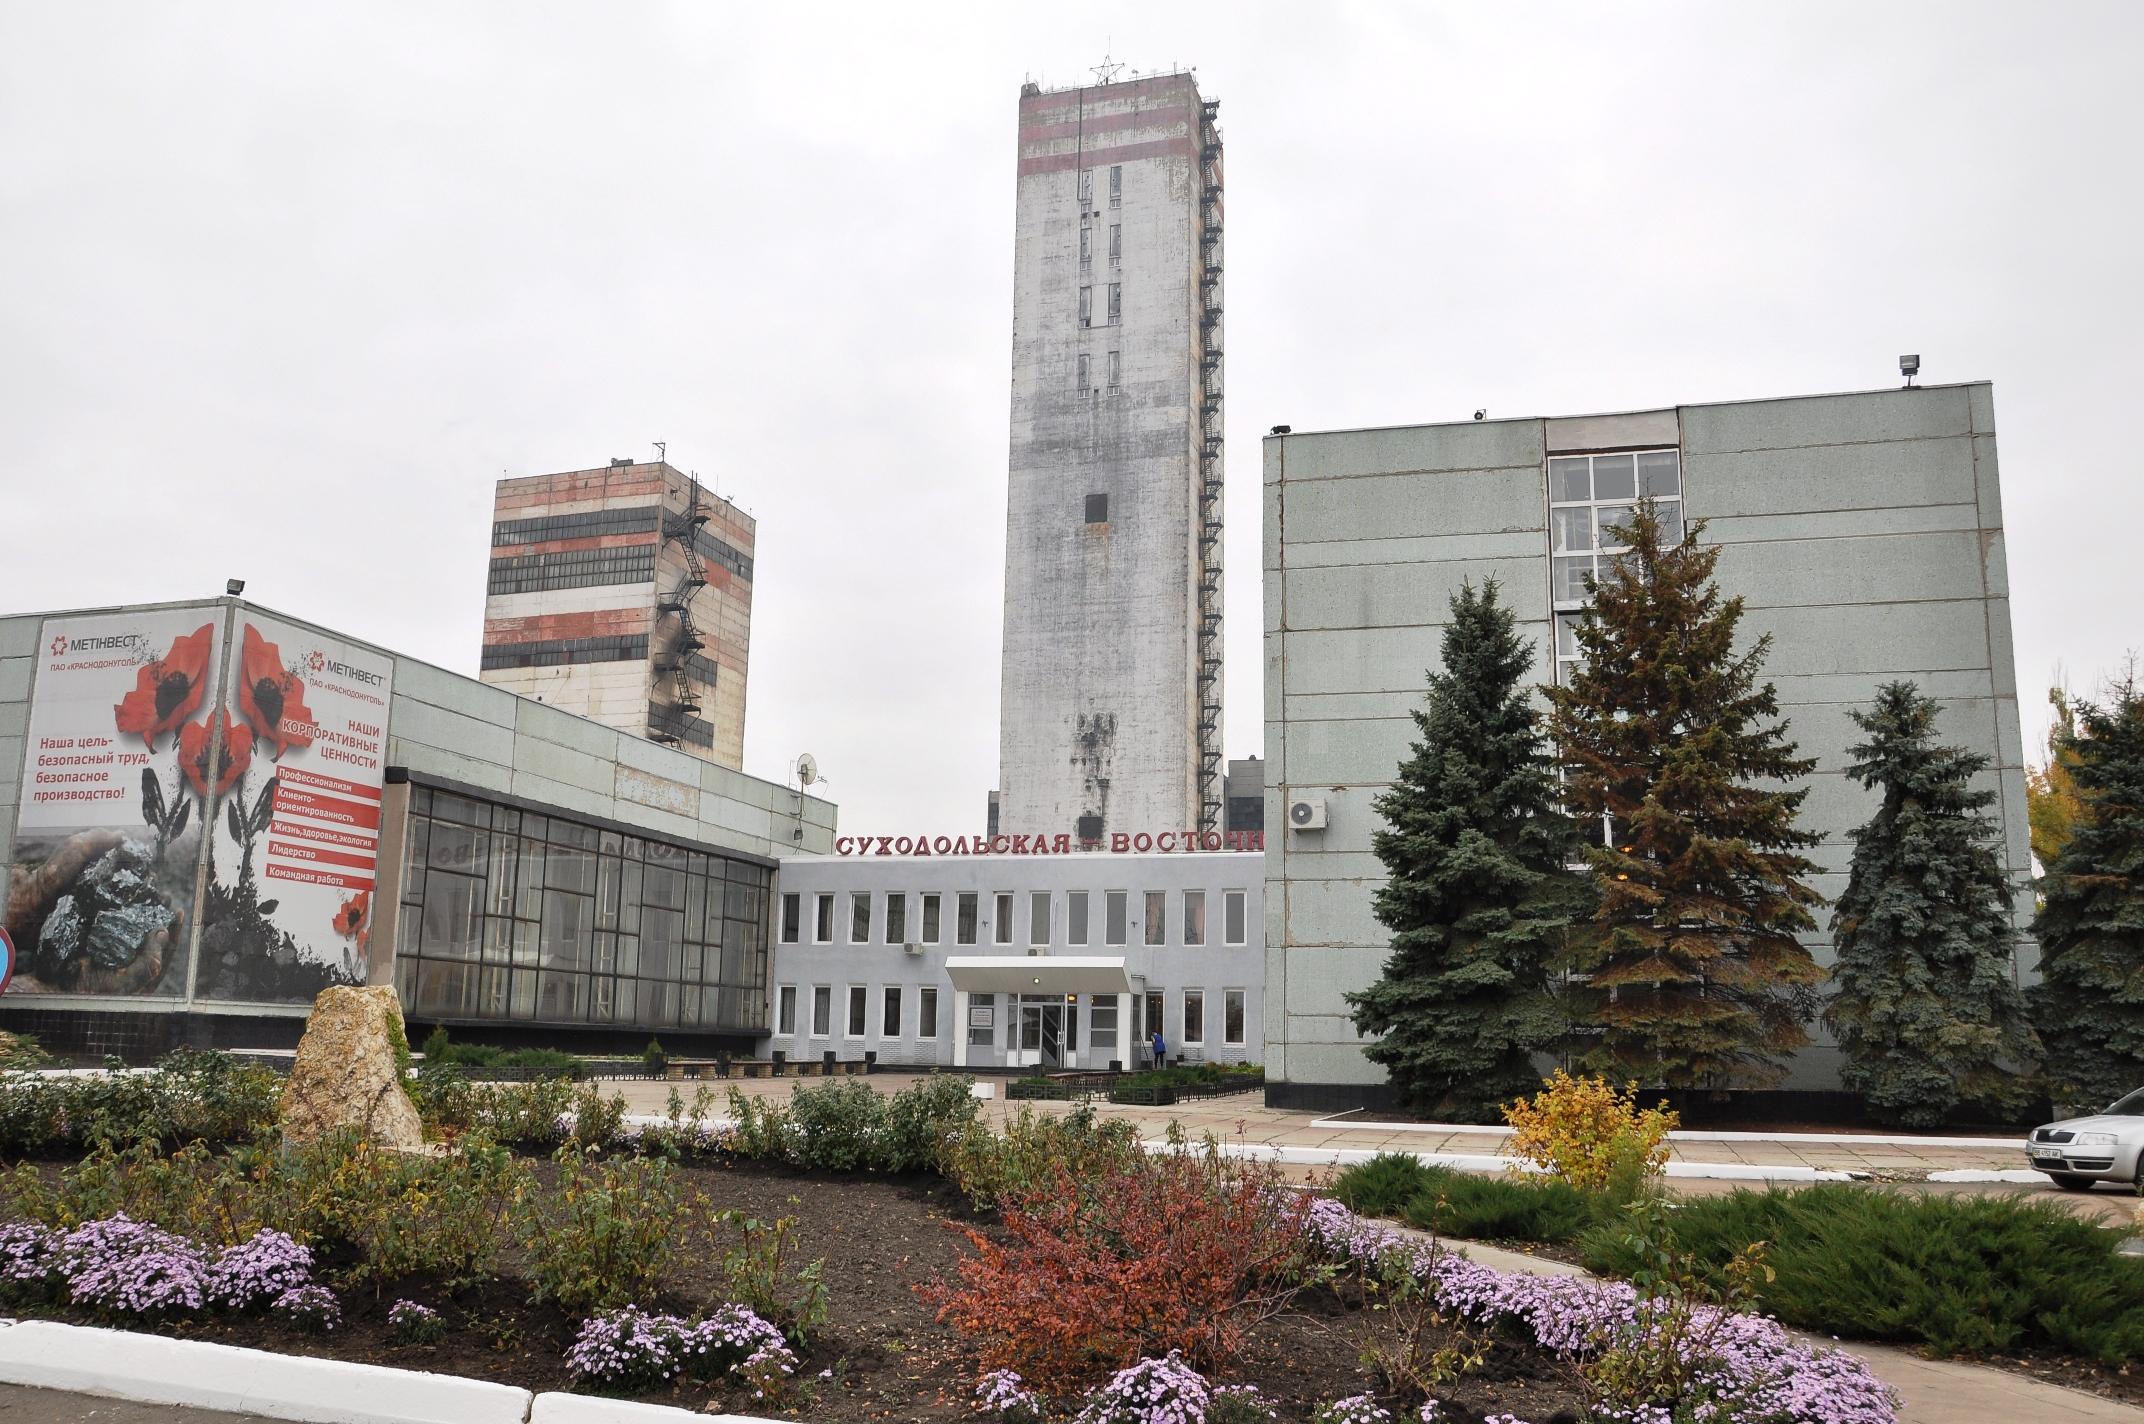 В украине продадут около 20-ти шахт: среди них - лисичанскуголь и первомайскуголь